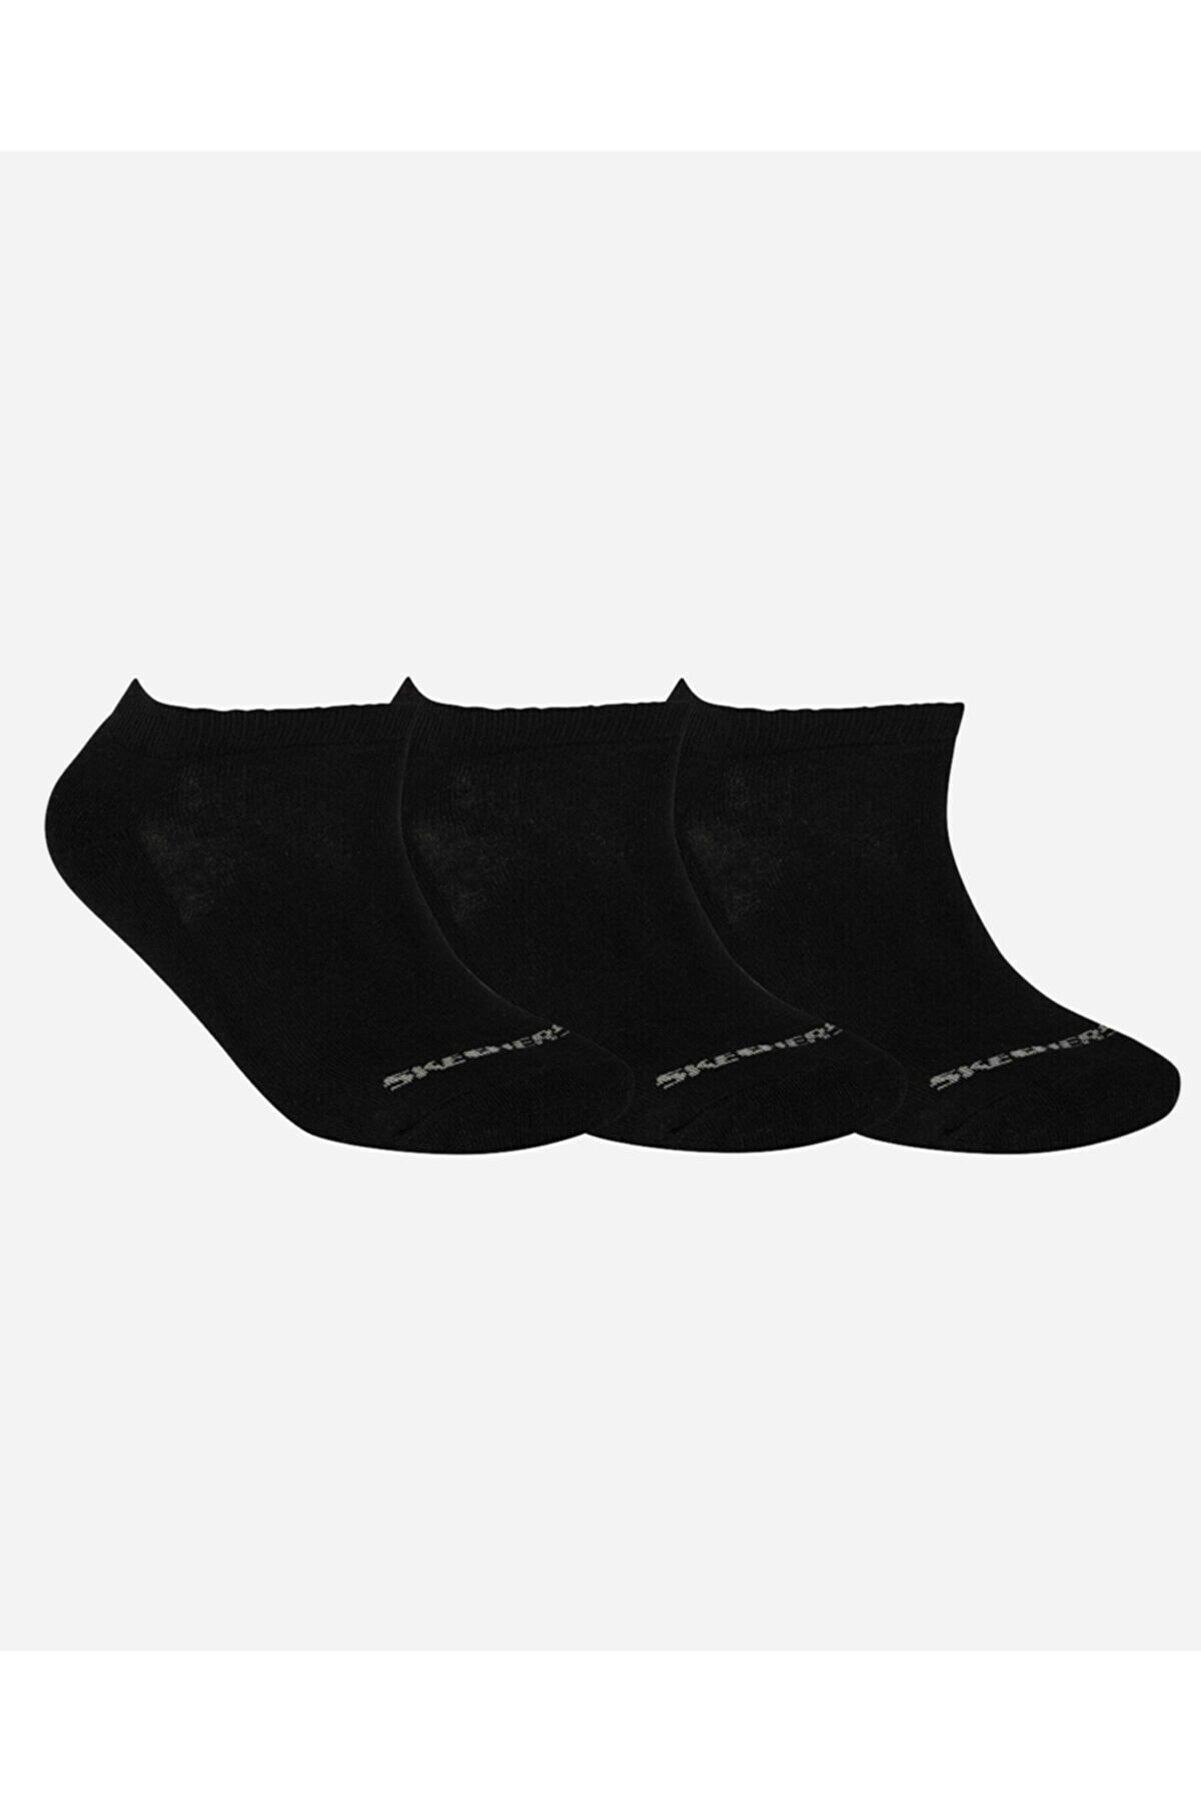 Skechers U SKX Padded Low Cut Socks 3 Pack Unisex Siyah Çorap